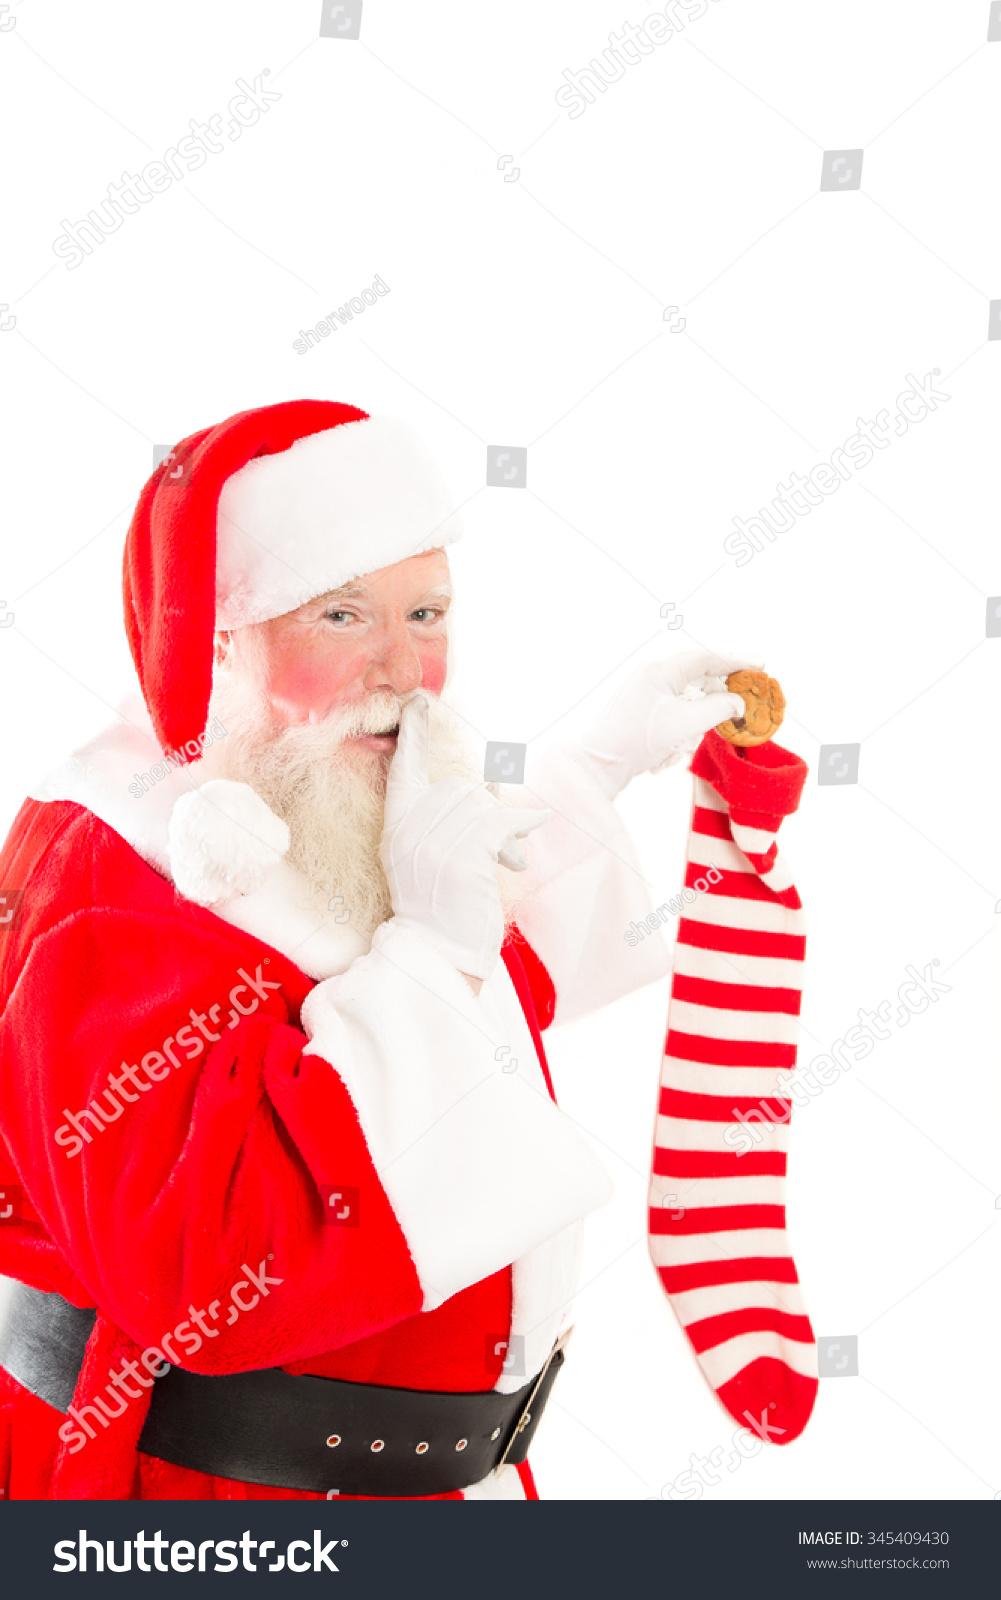 圣诞老人把饼干放在圣诞袜,白色背景 - 假期,人